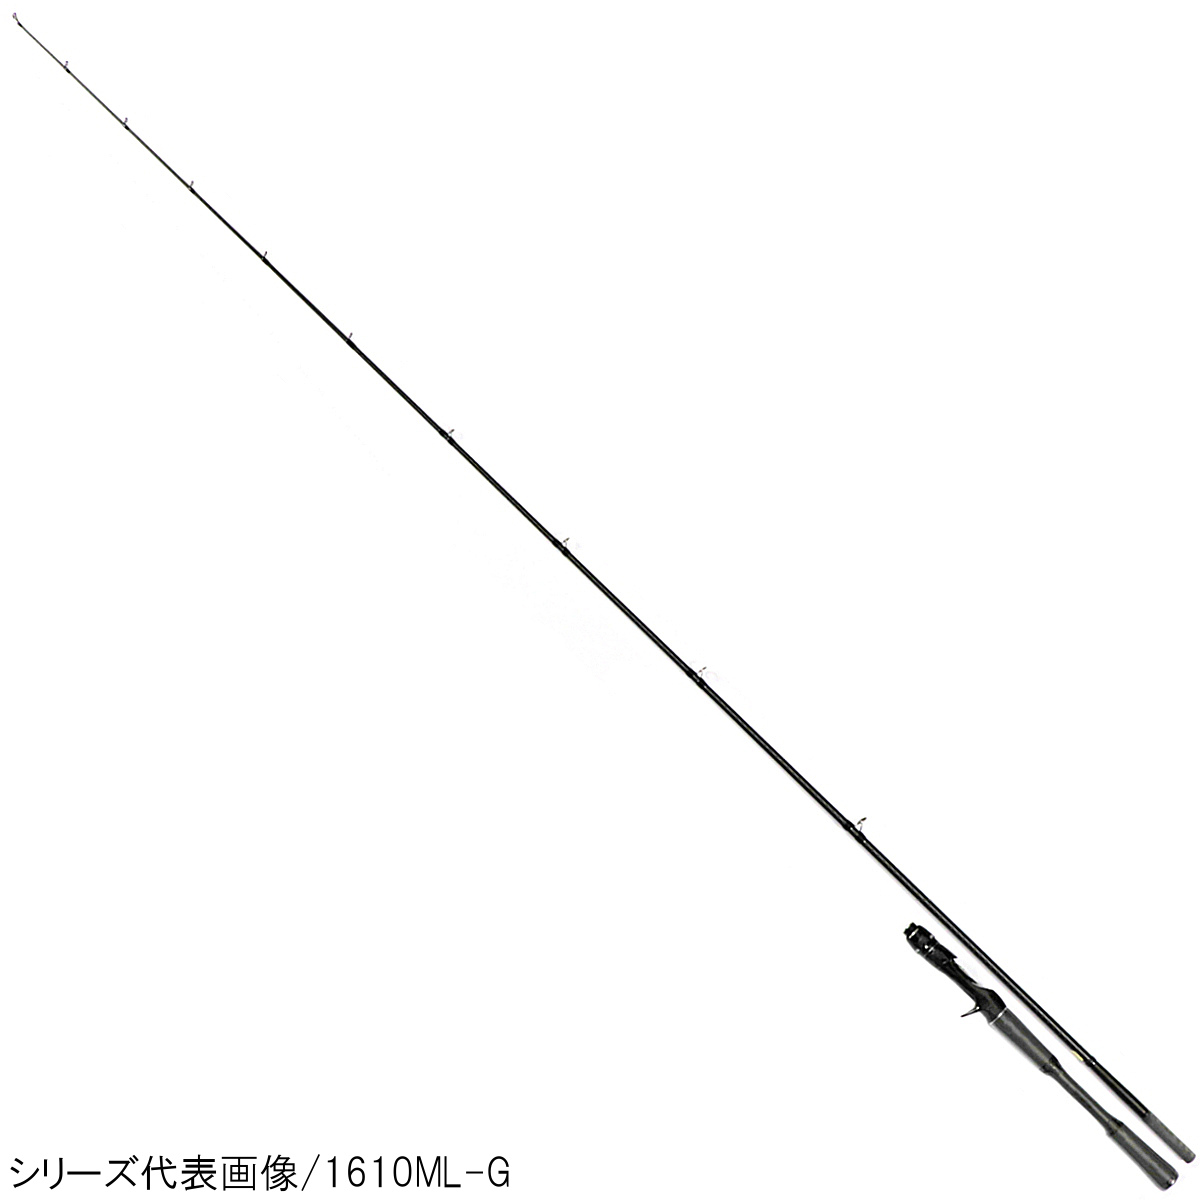 【8月30日エントリーで最大P36倍!】シマノ ポイズングロリアス XC 170M-G【大型商品】